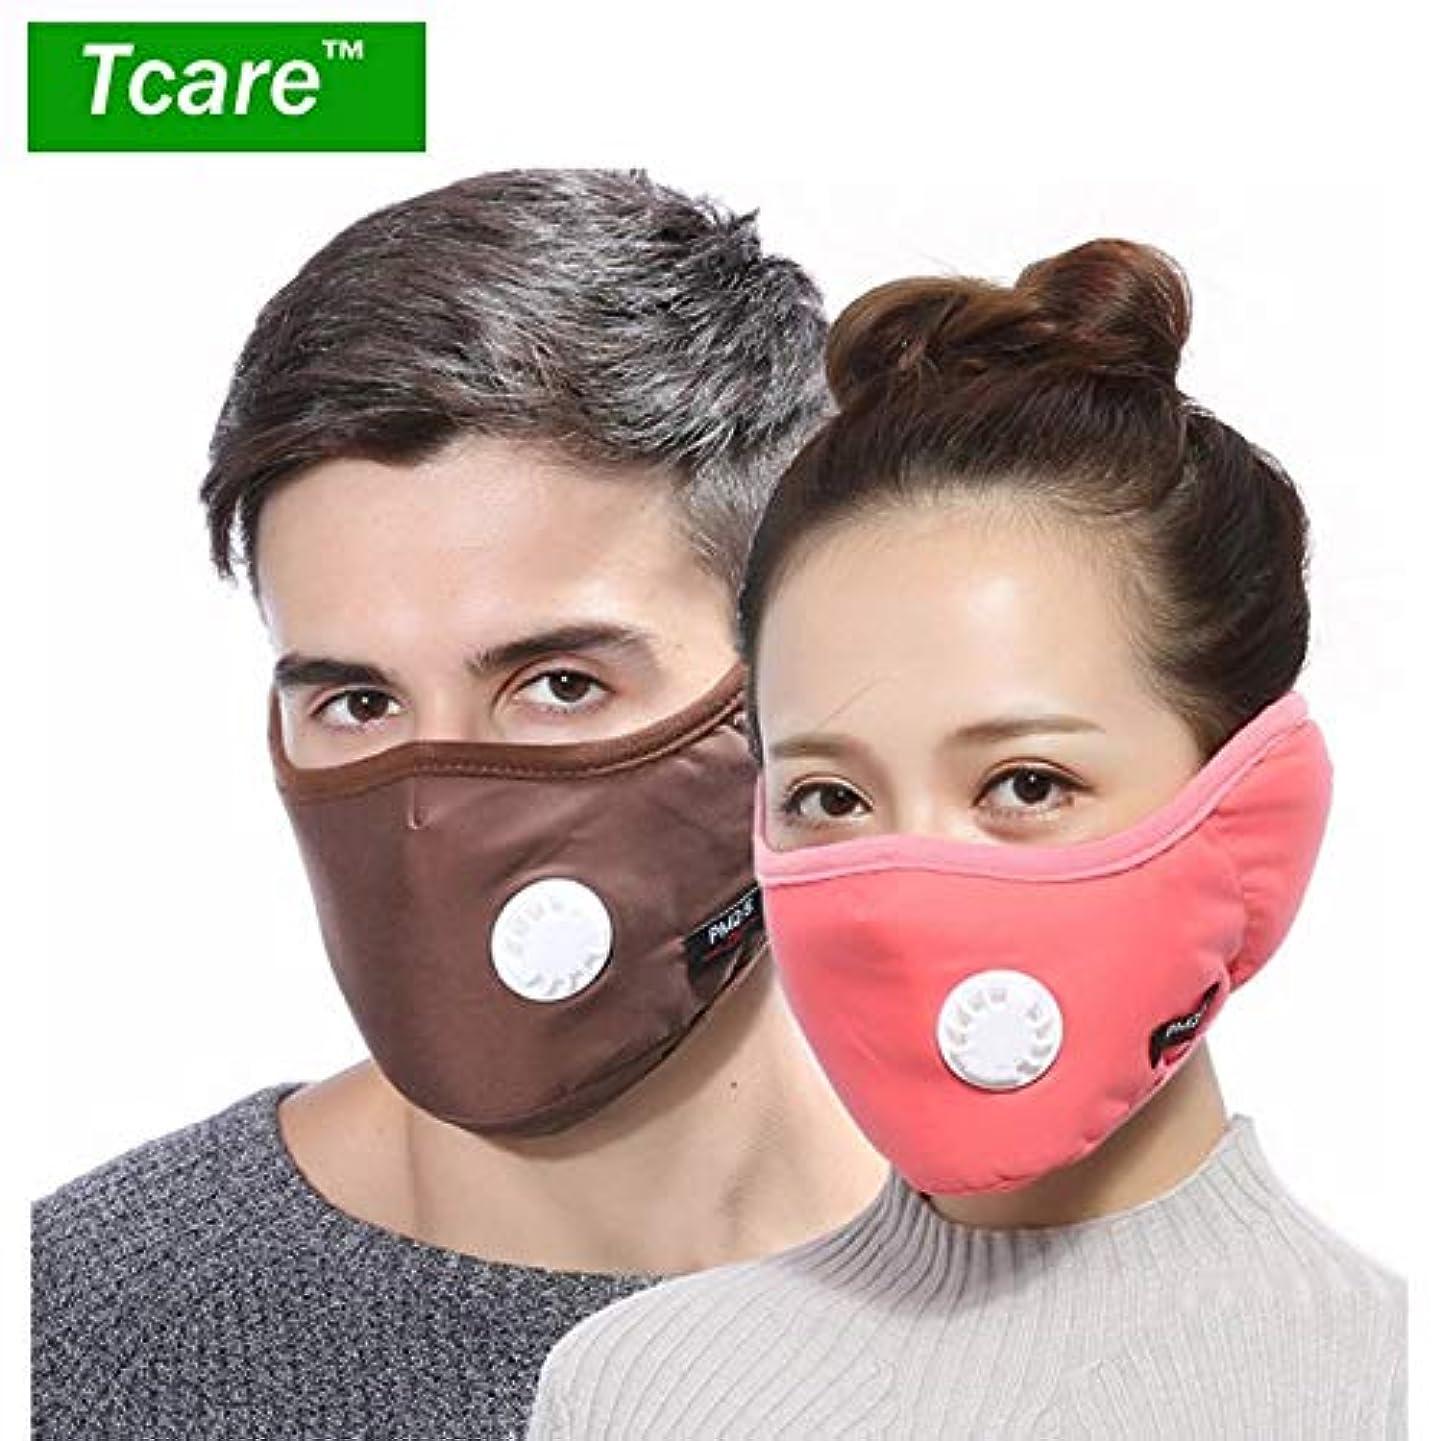 シャッター十分です社会1ブラック:1 PM2.5マスクバルブコットンアンチダスト口マスクの冬のイヤーマフActtedフィルター付マスクでTcare 2